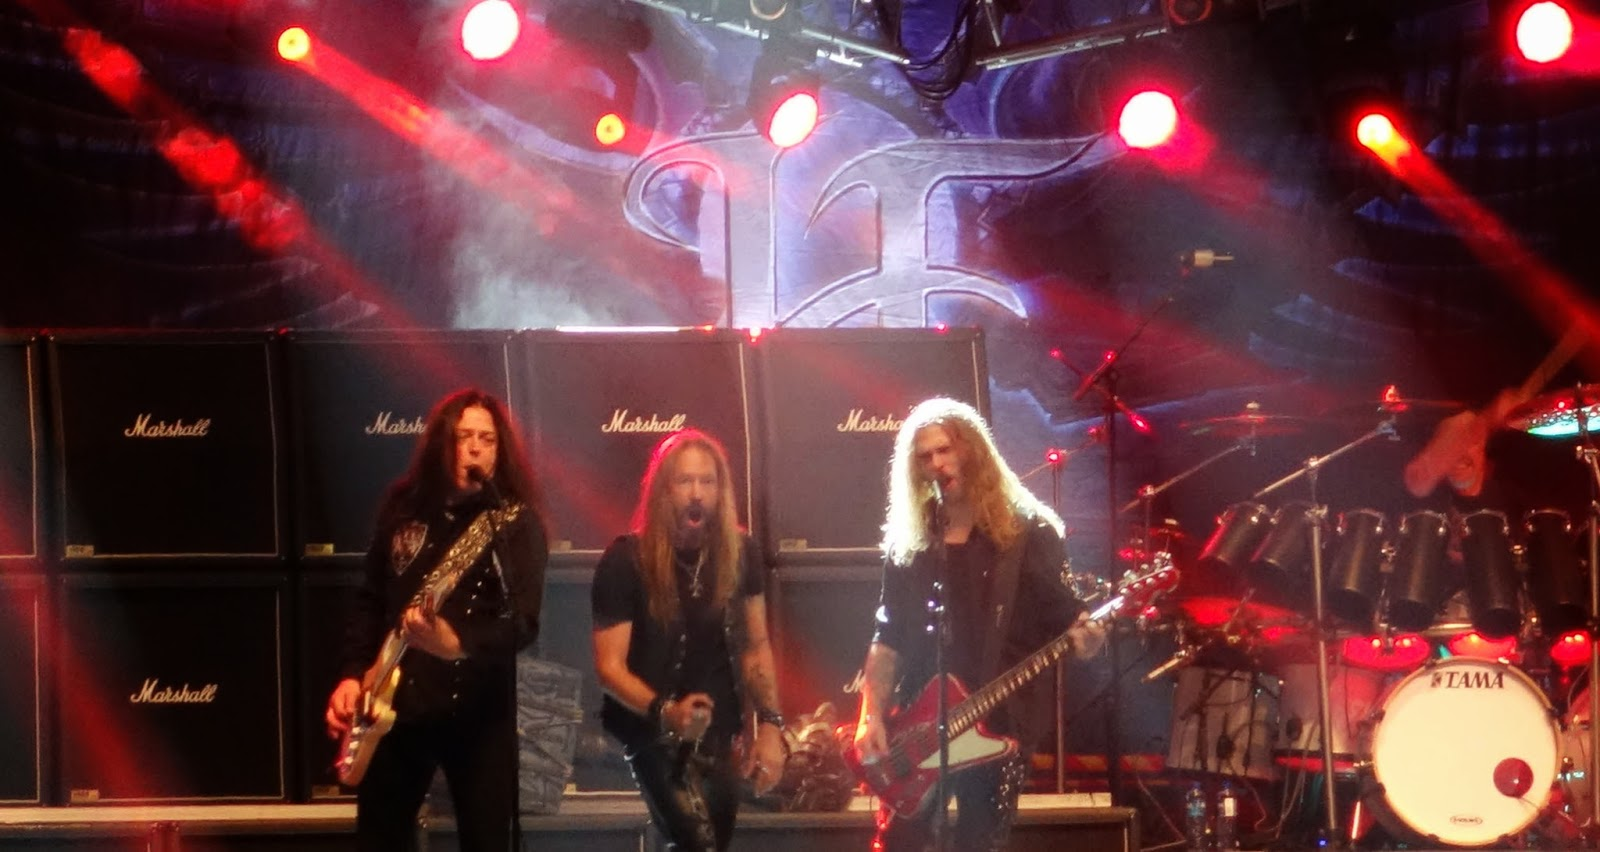 Kyuss sangare med sallskap